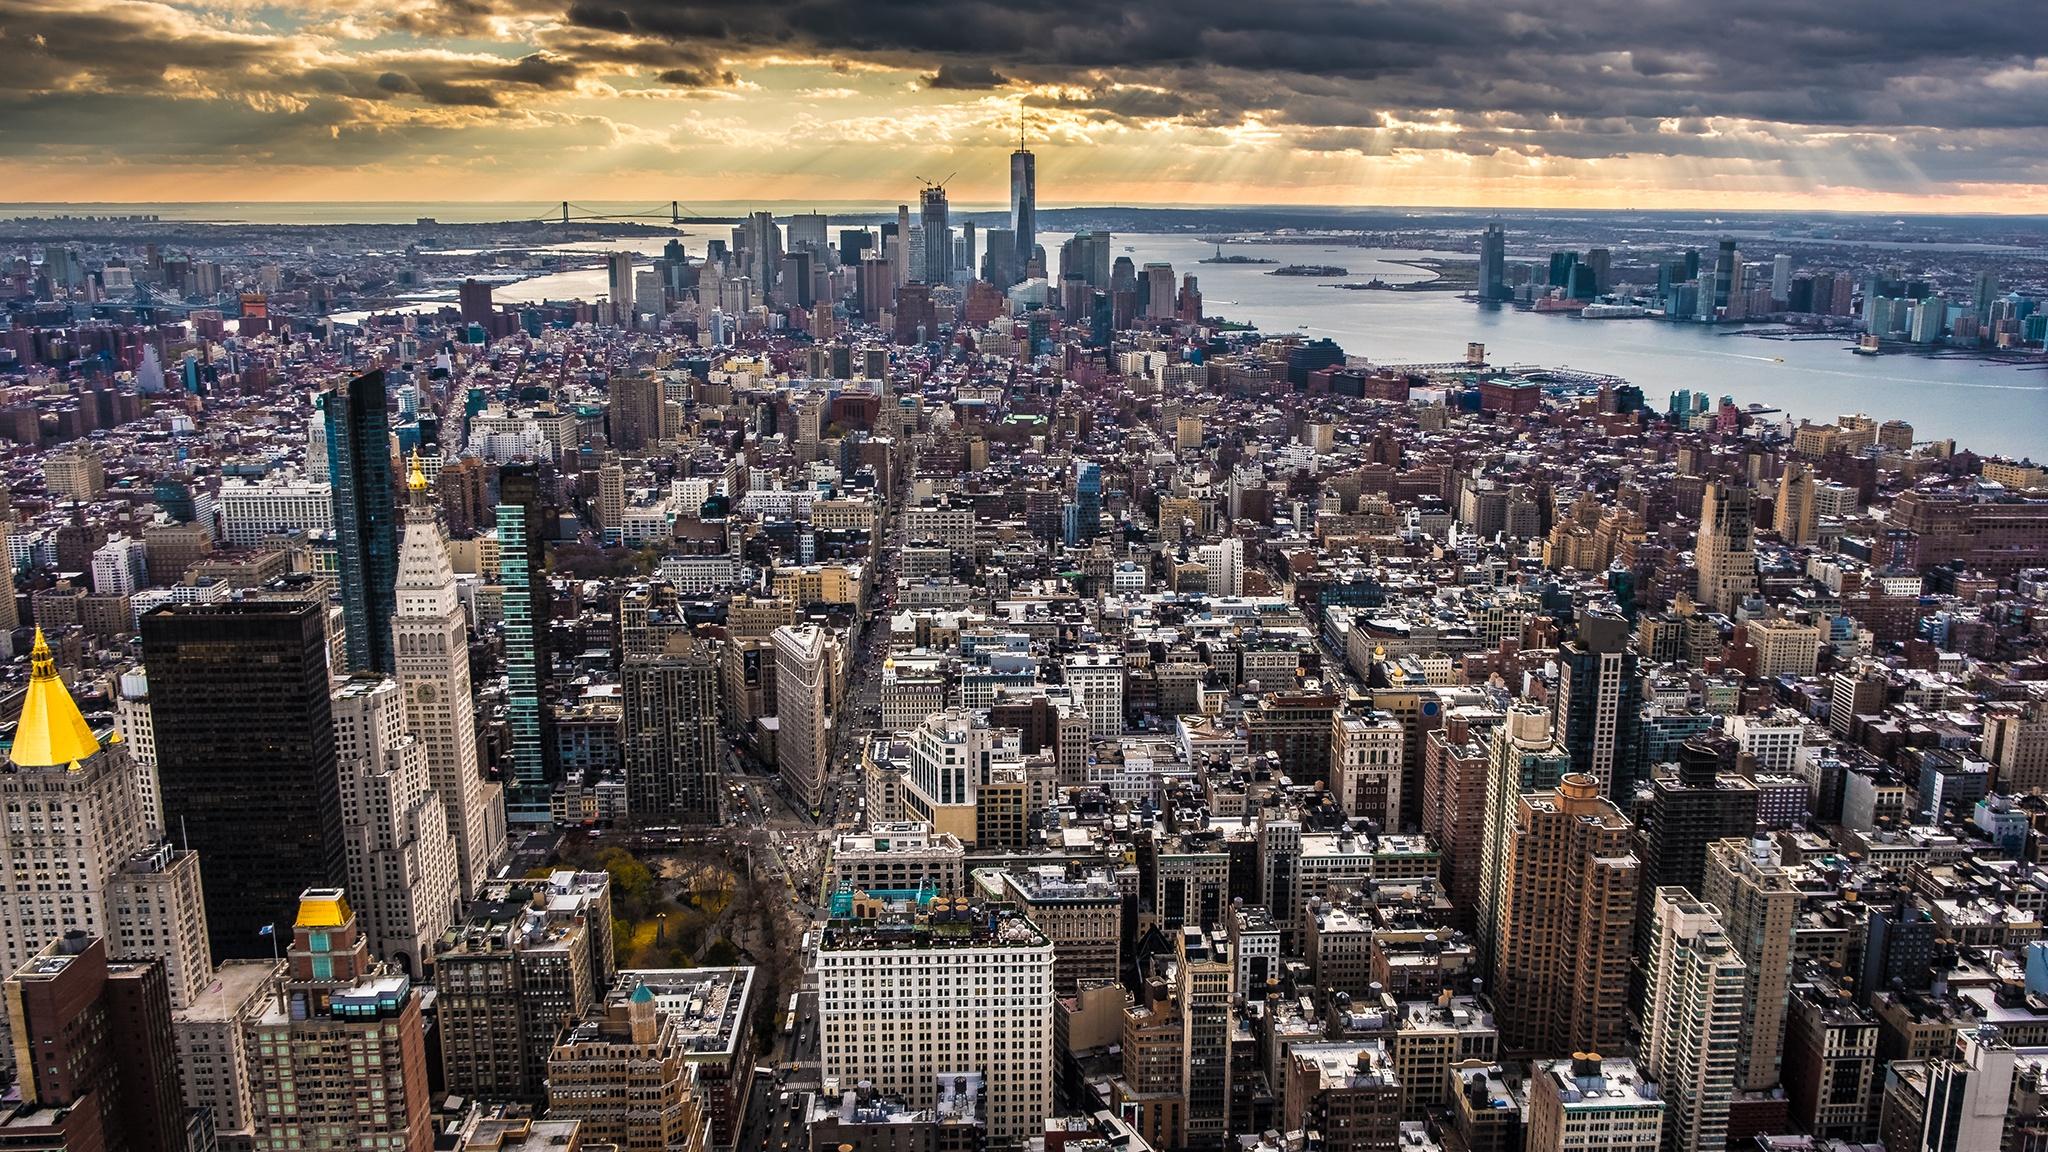 Building City Cityscape Empire State Building New York Skyscraper Usa 2048x1152